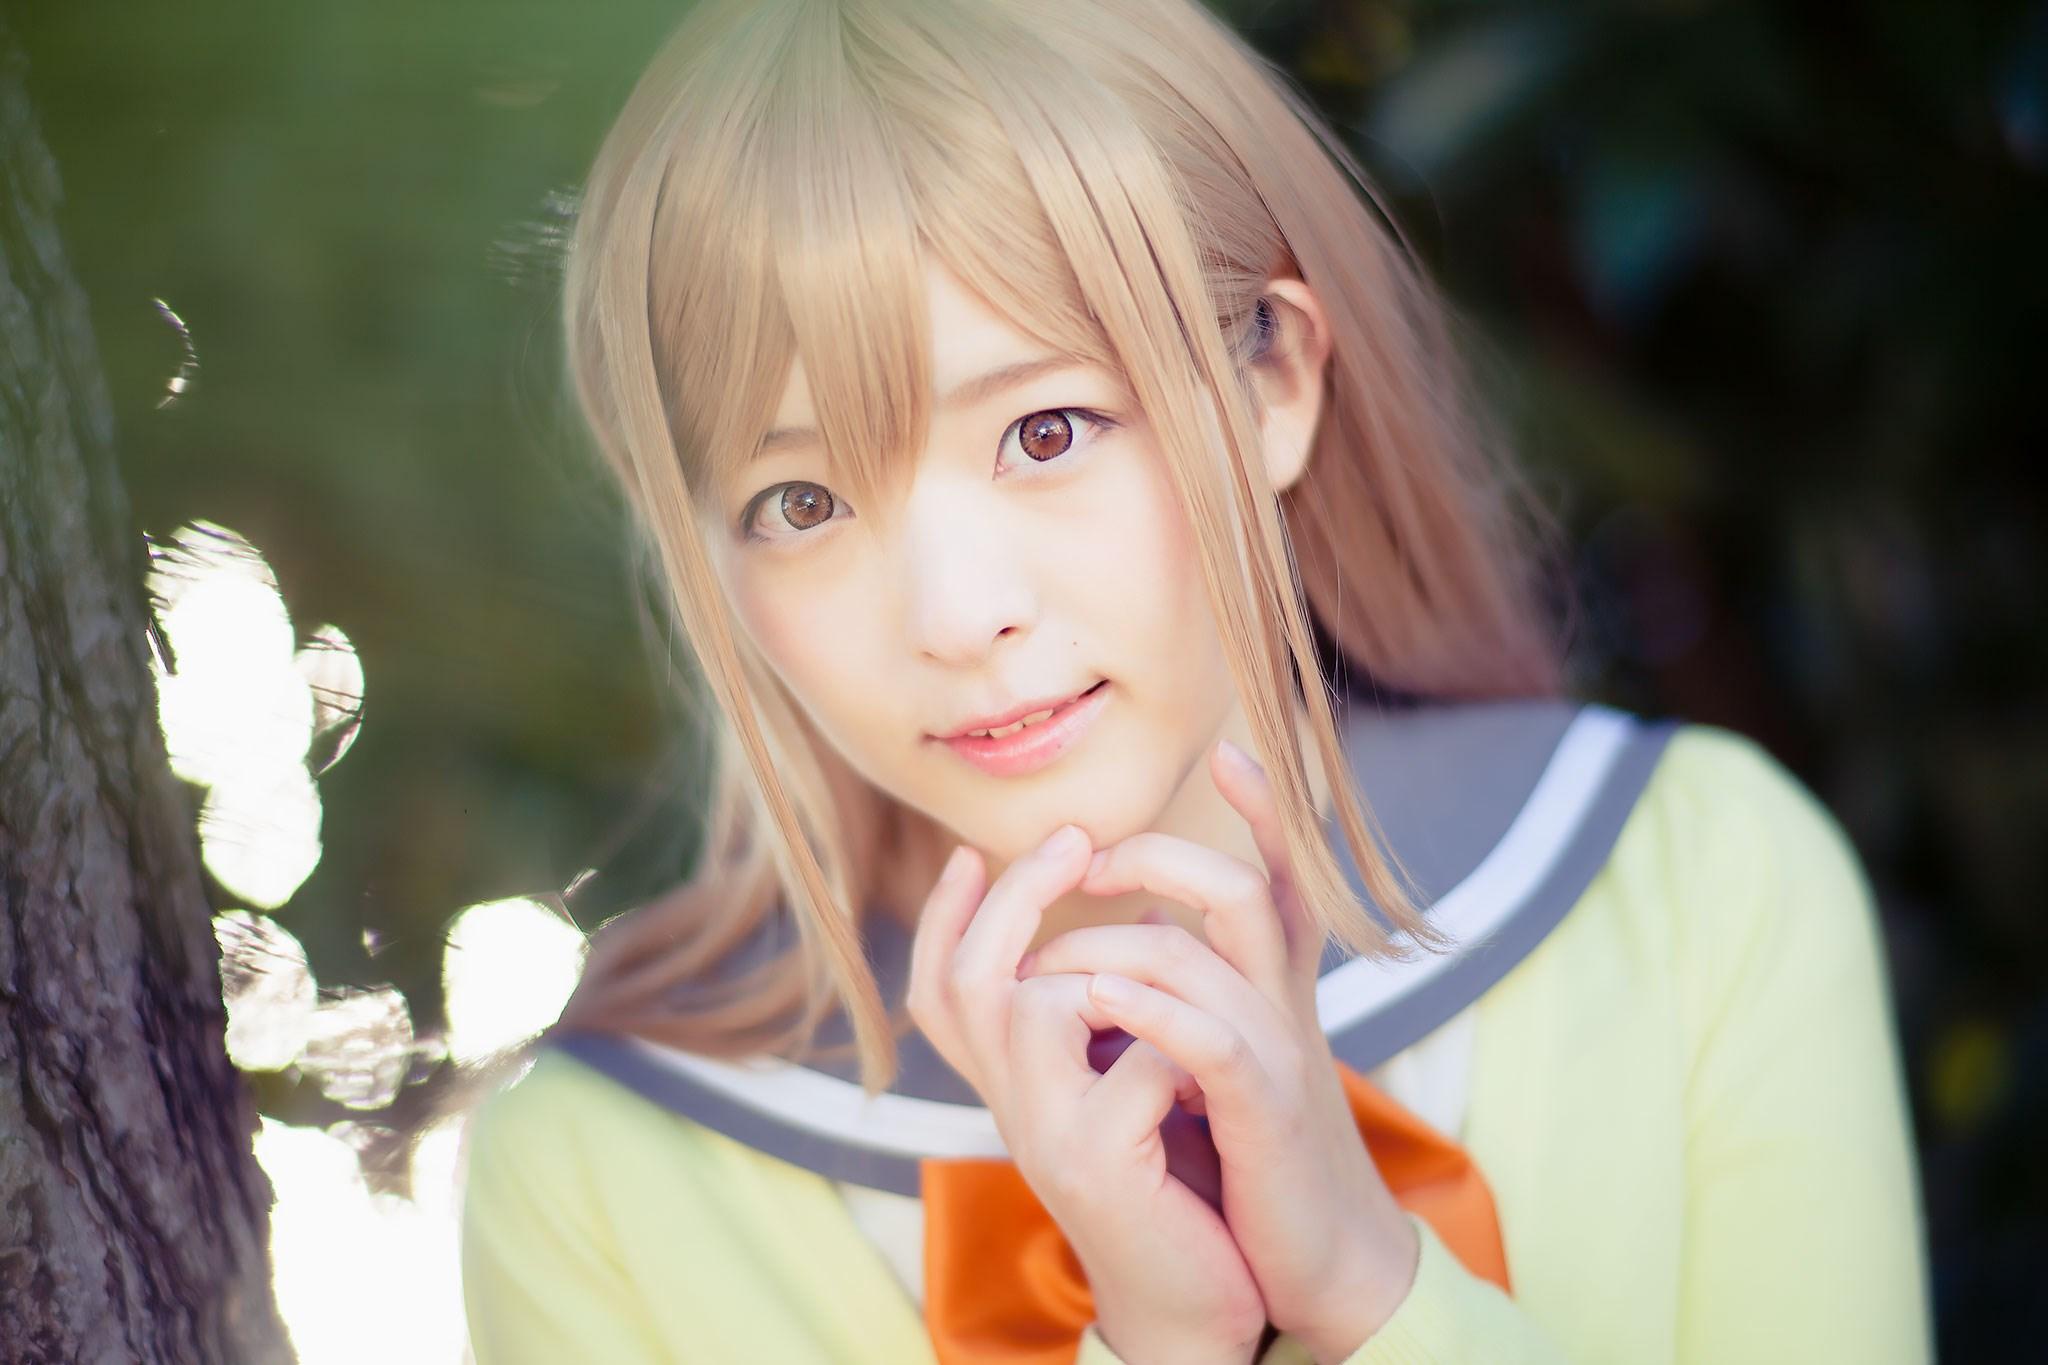 【兔玩映画】阳光与少女 兔玩映画 第37张